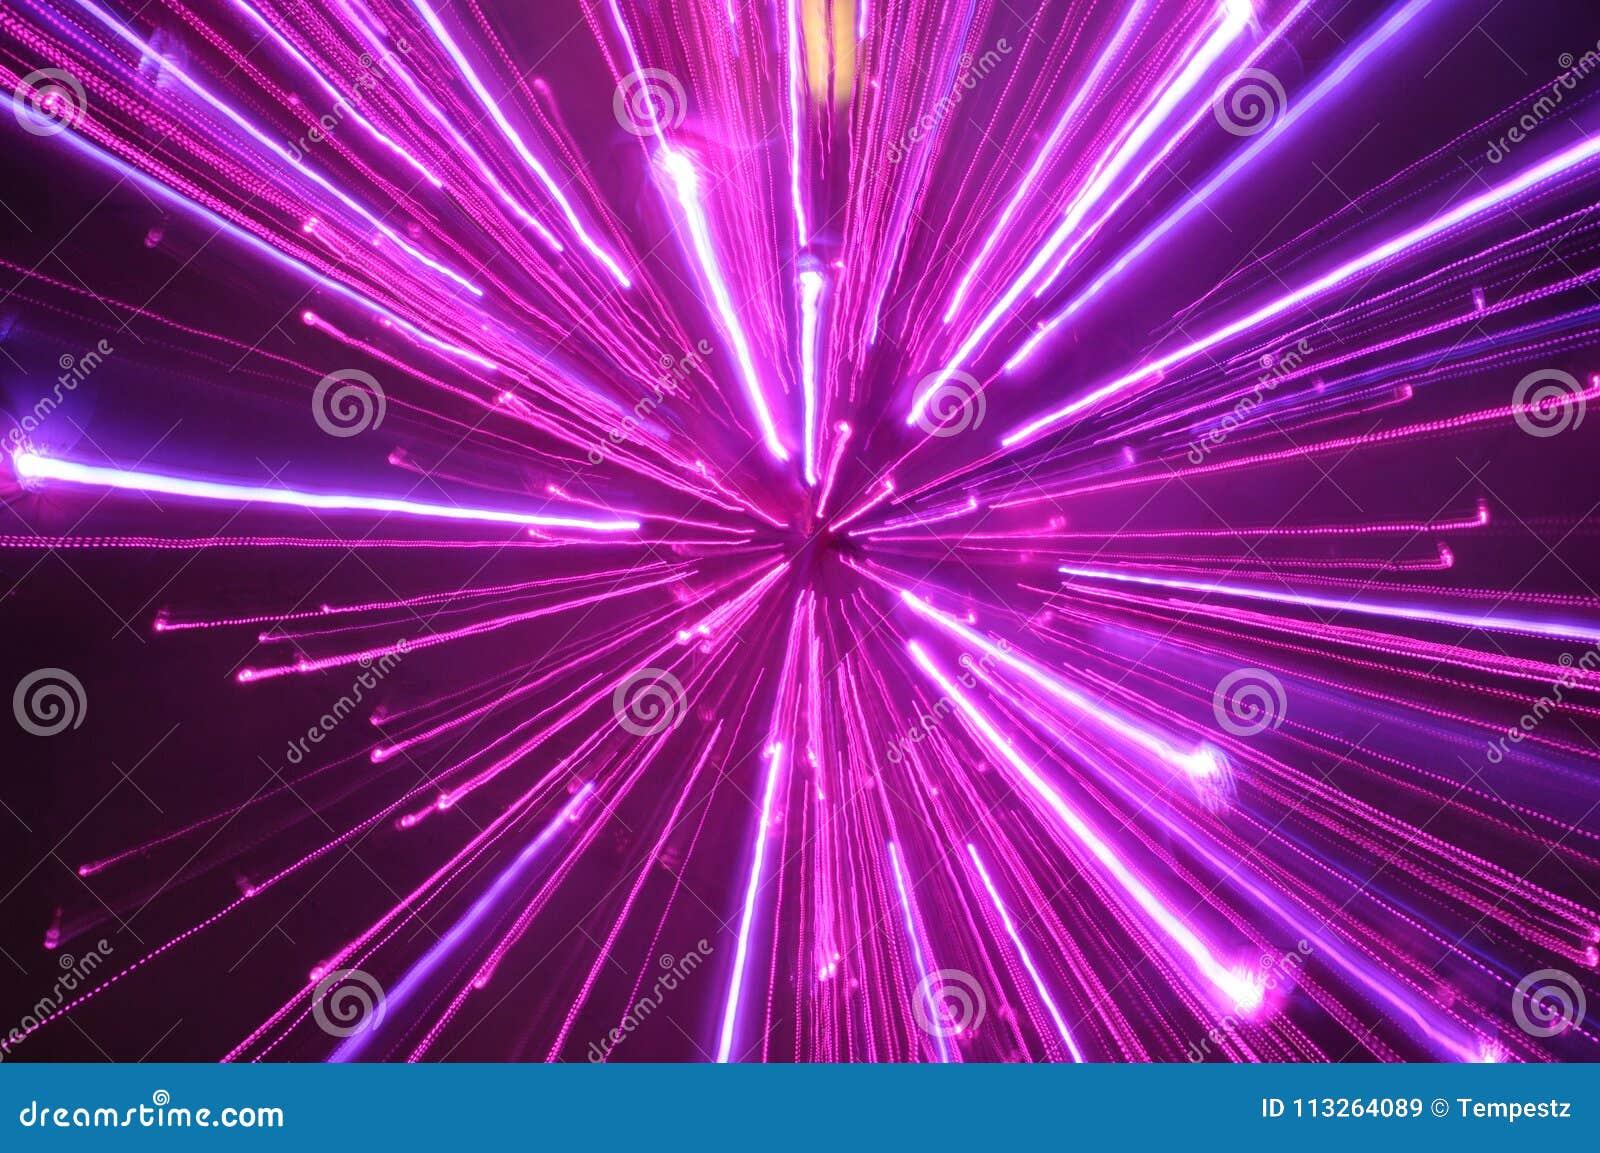 Faltas de definición violetas abstractas de la raya pálida